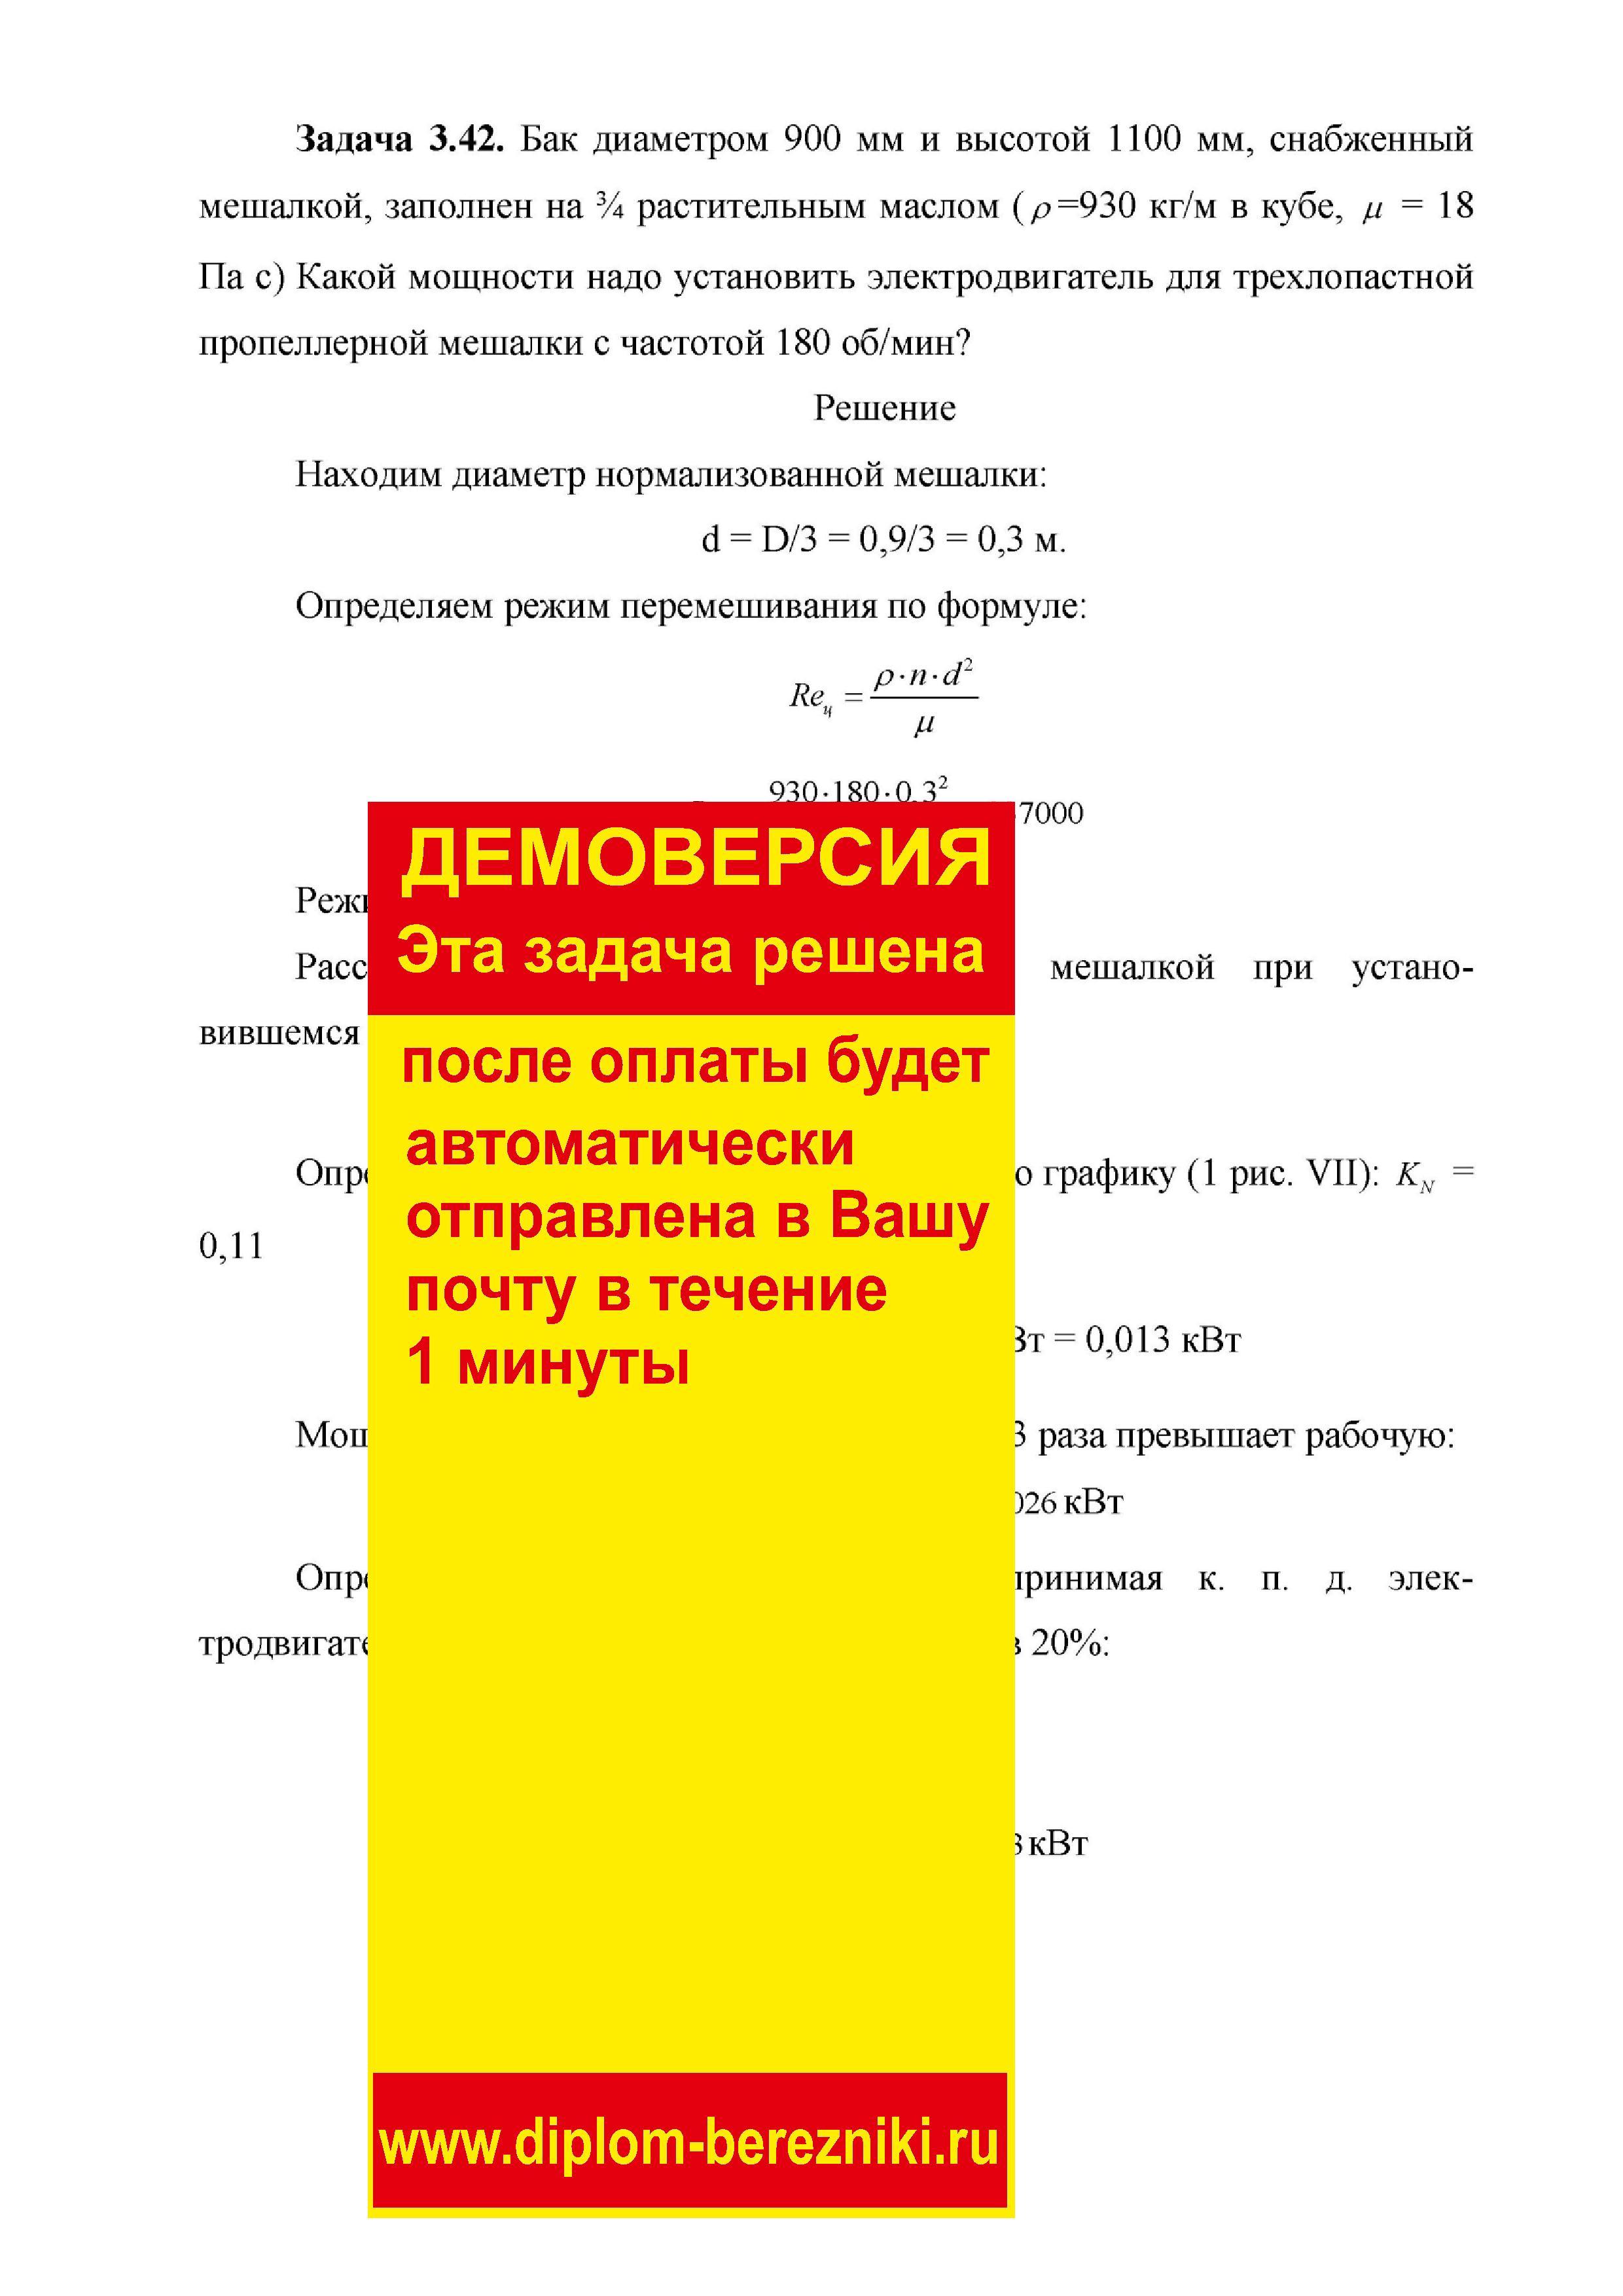 Решение задачи 3.42 по ПАХТ из задачника Павлова Романкова Носкова